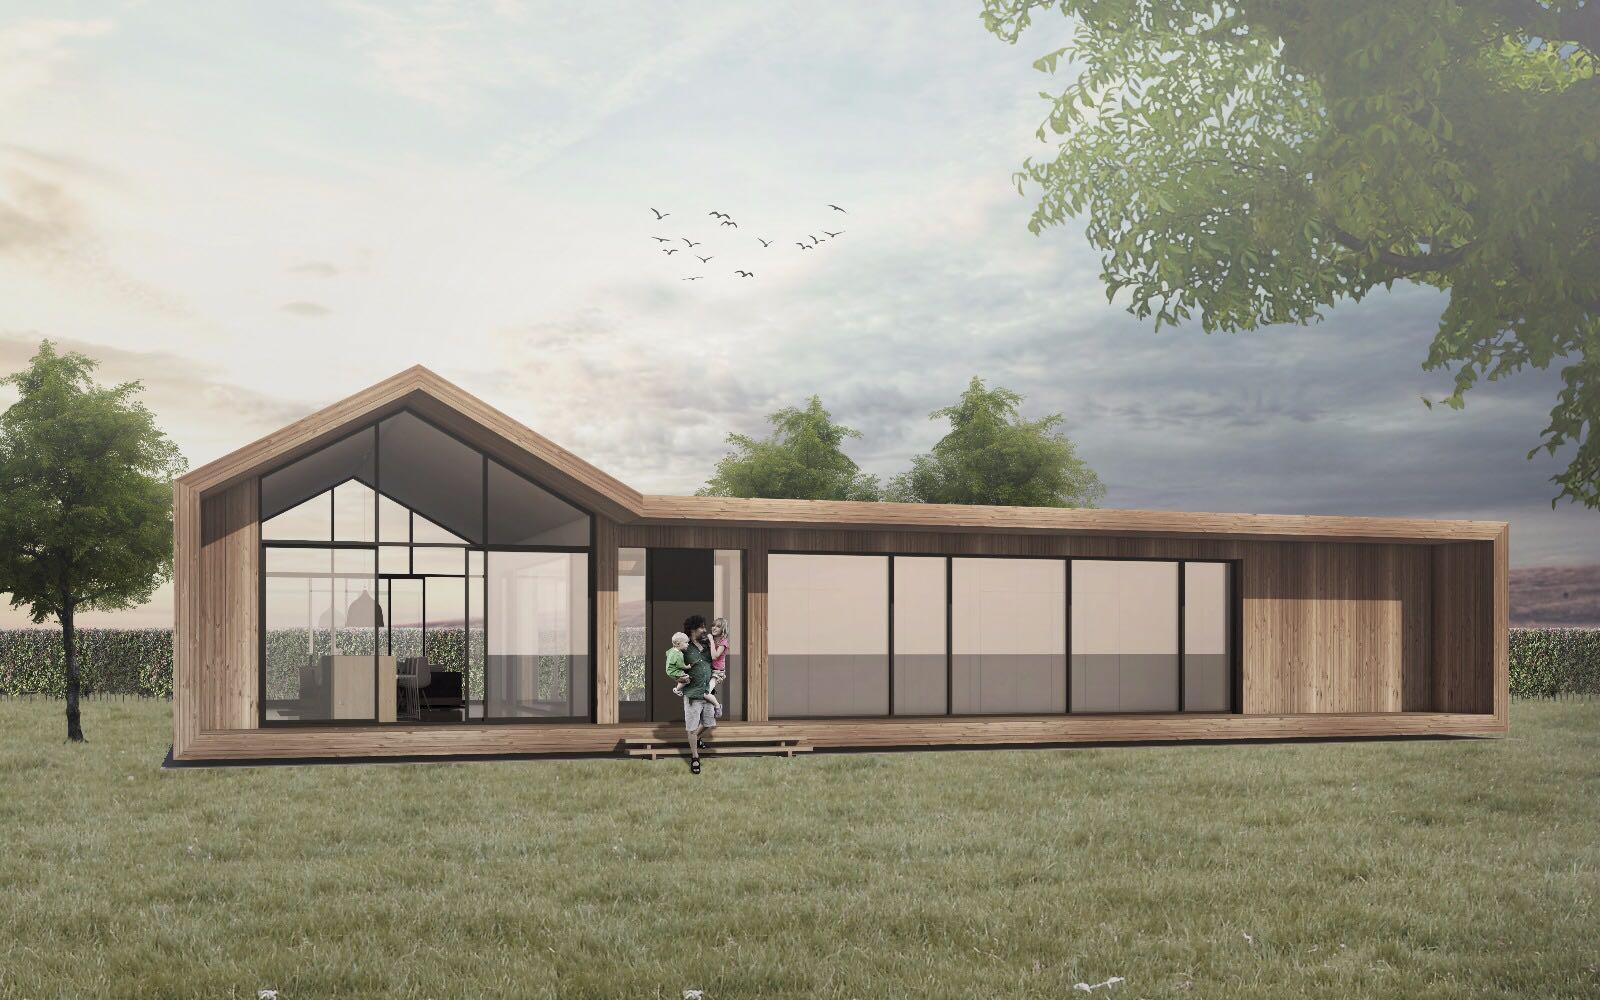 La construcción modular es una apuesta al ahorro energético